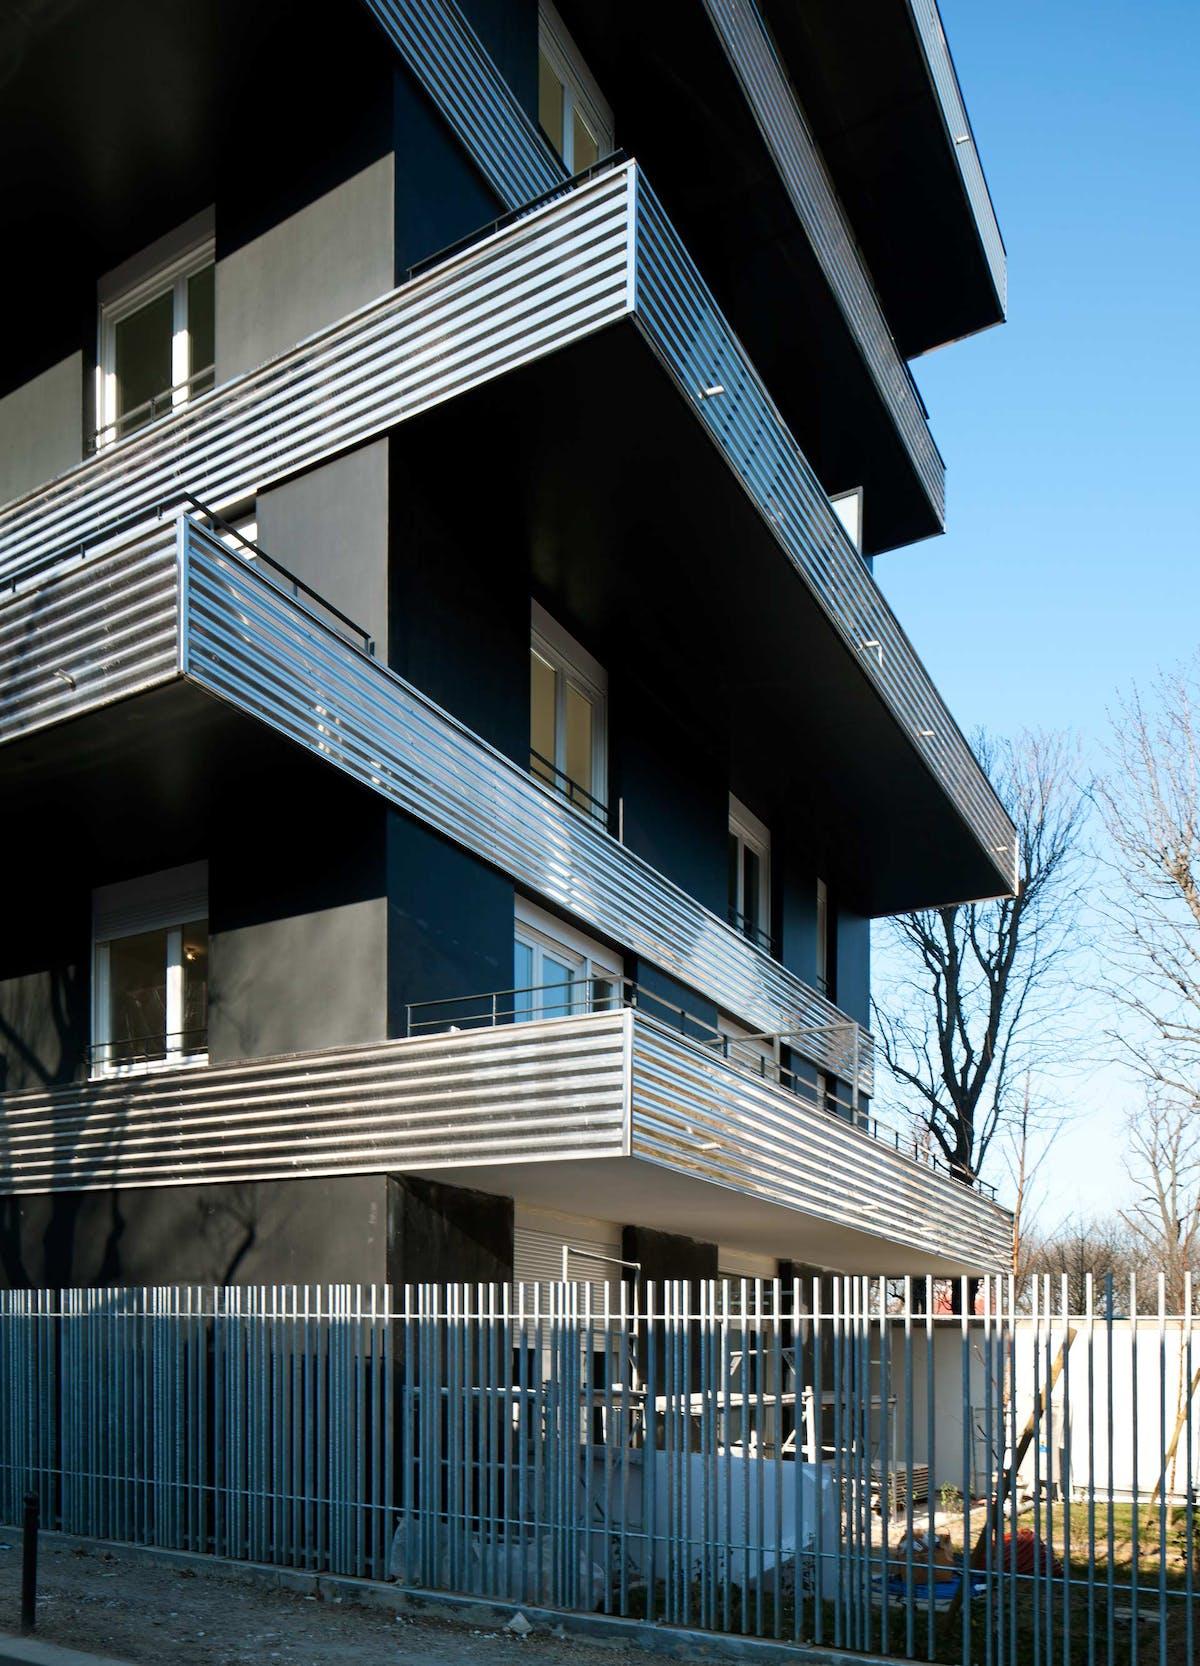 22 housings units rebi re street in paris 17 75 zac porte pouchet laisn roussel archinect - Fourriere porte pouchet paris 17 ...